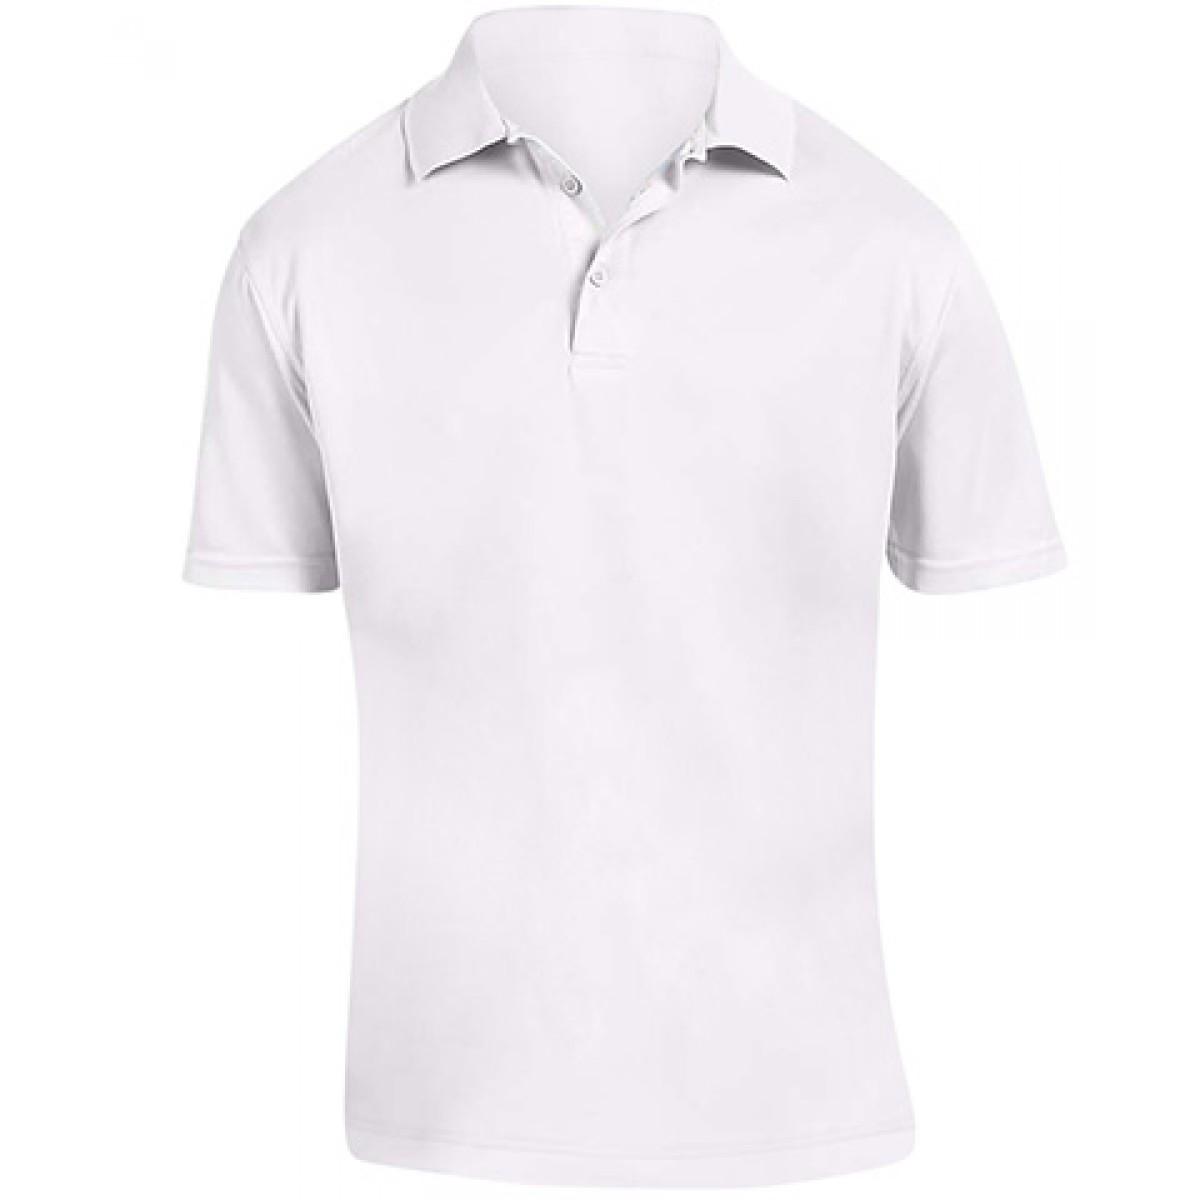 Men's 4 oz. Polytech Polo-White-5XL